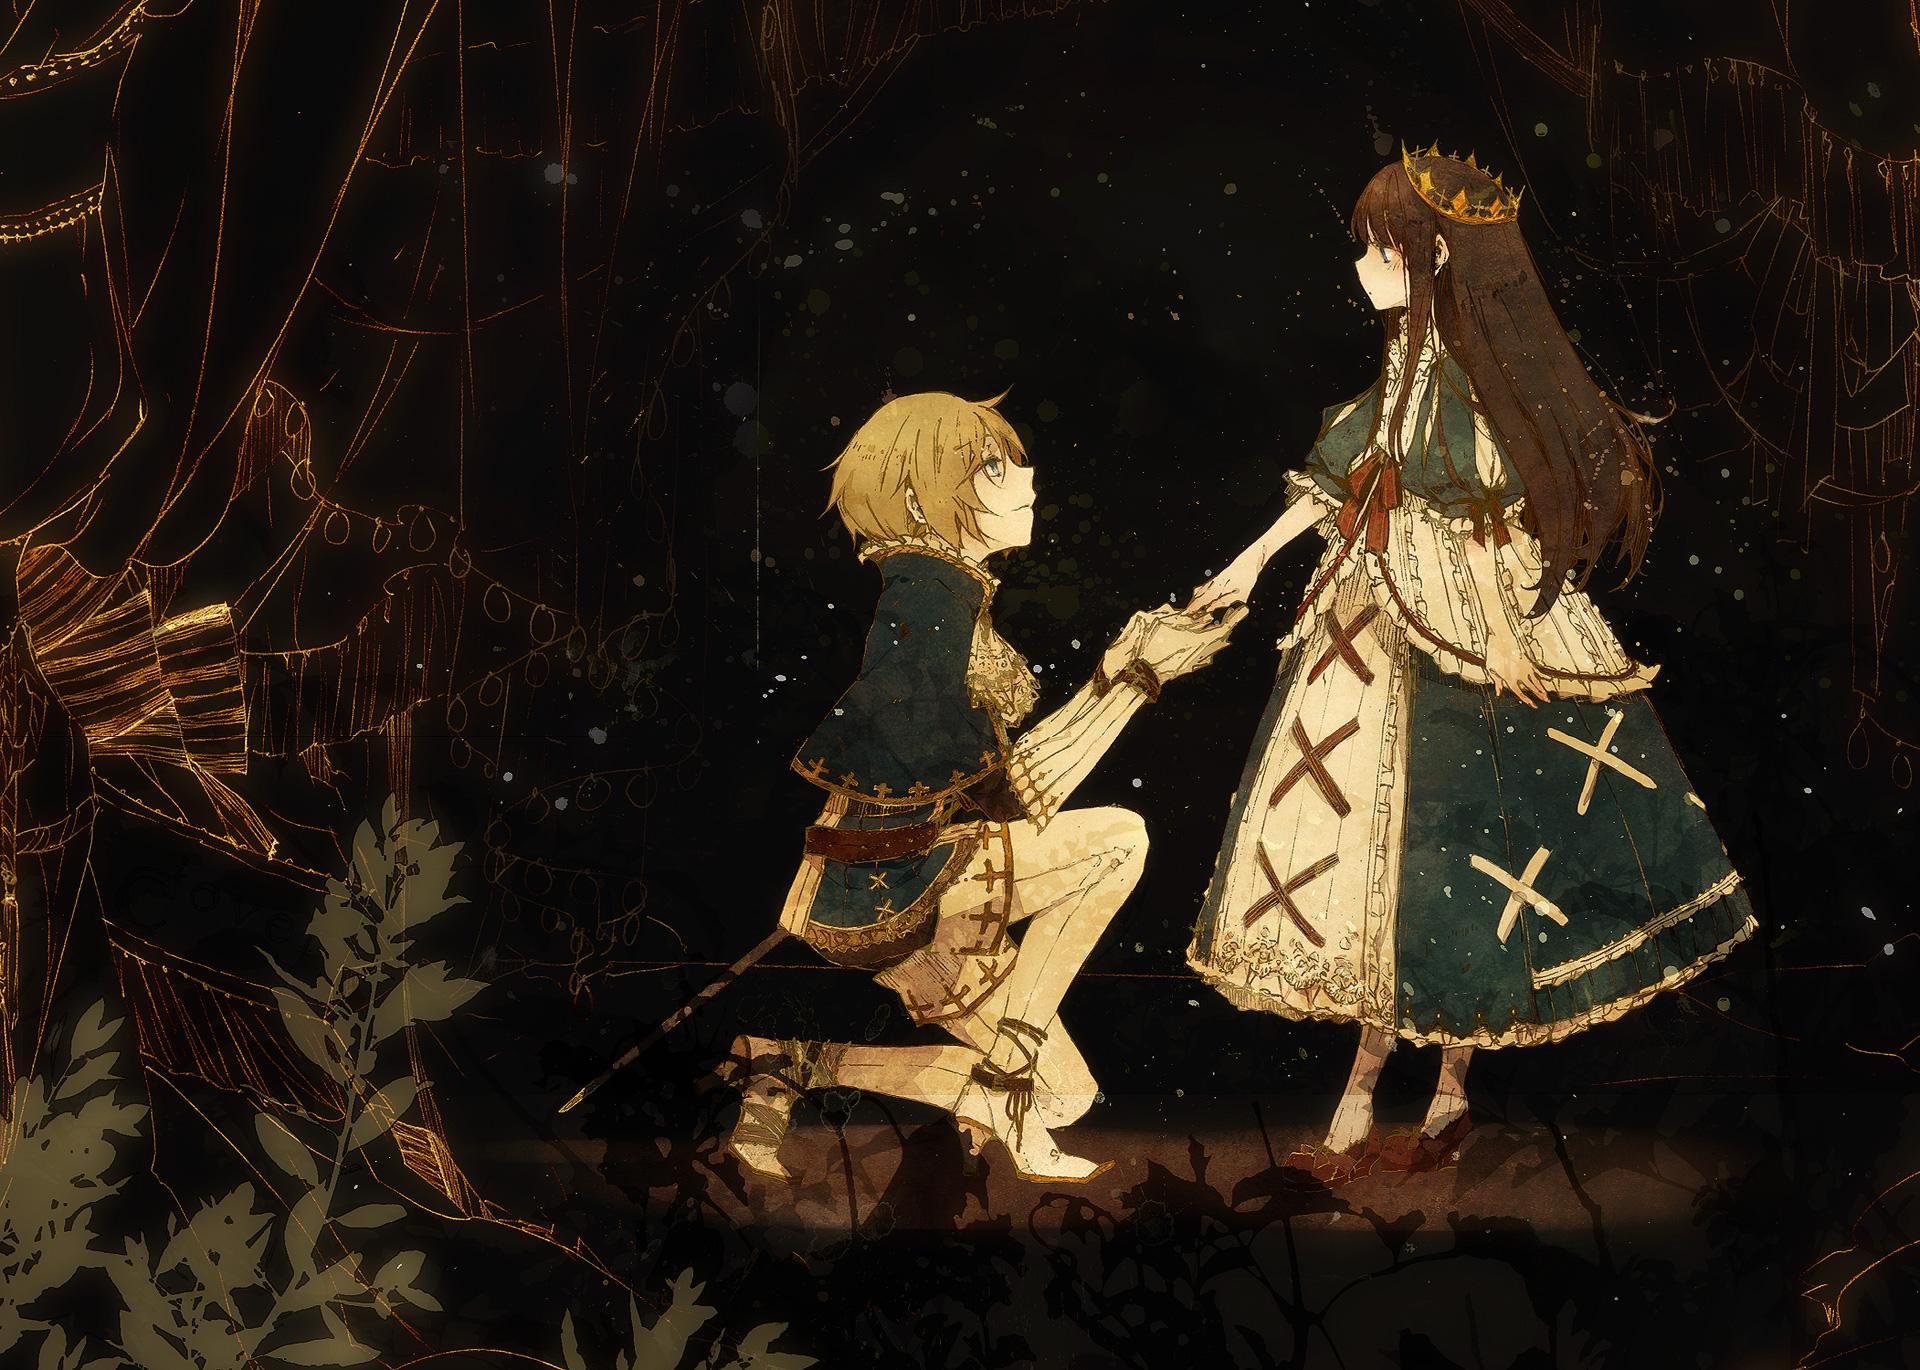 Hình anime cực đẹp công chúa và chàng kỵ sĩ